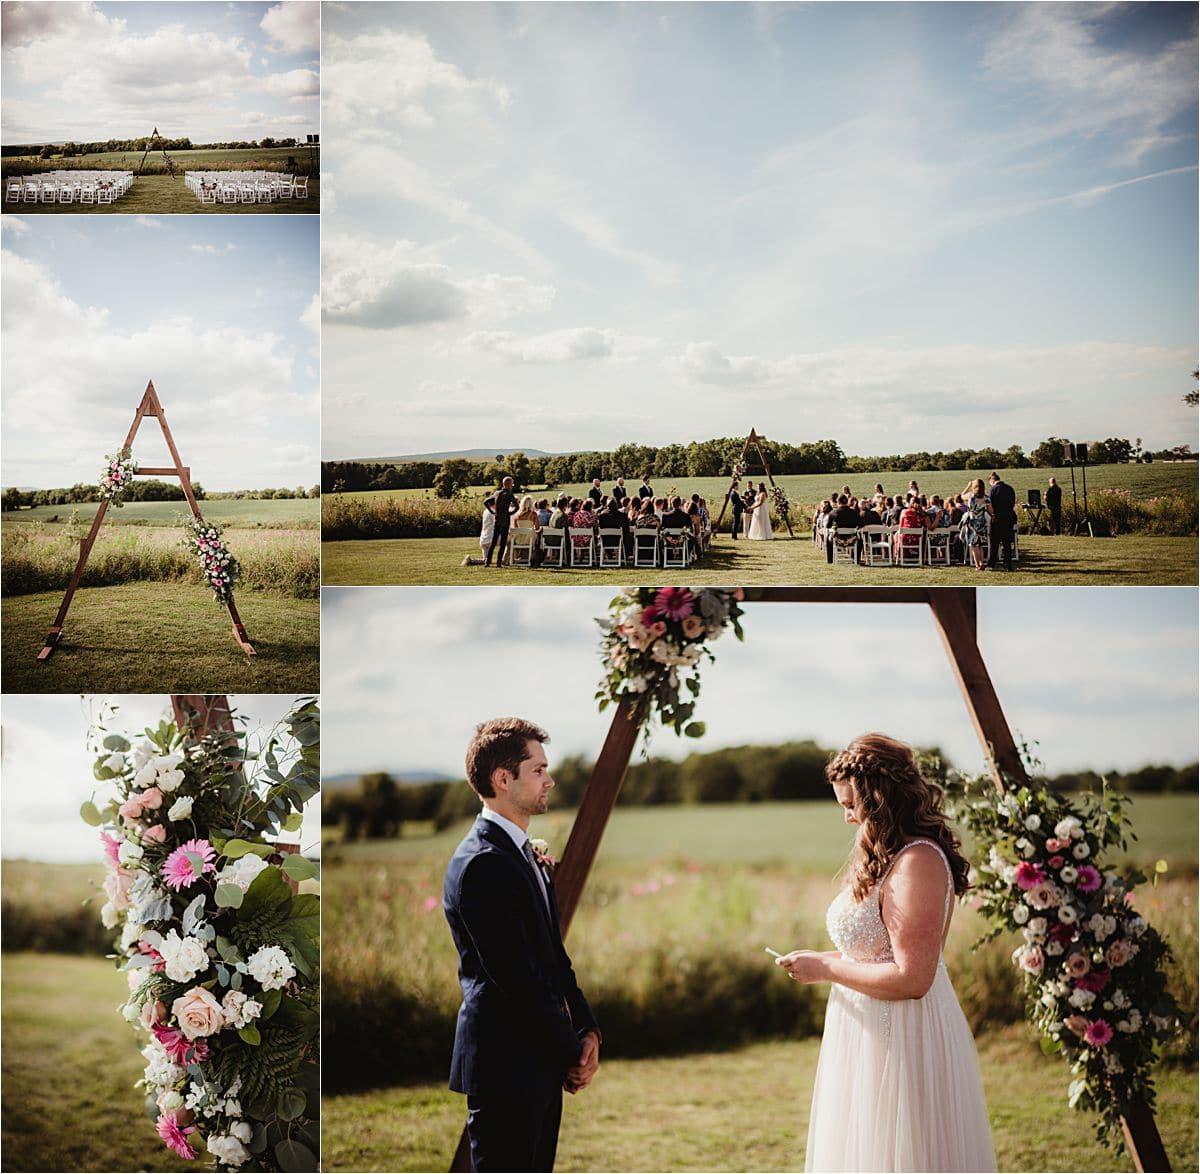 Rural Summer Barn Wedding Ceremony